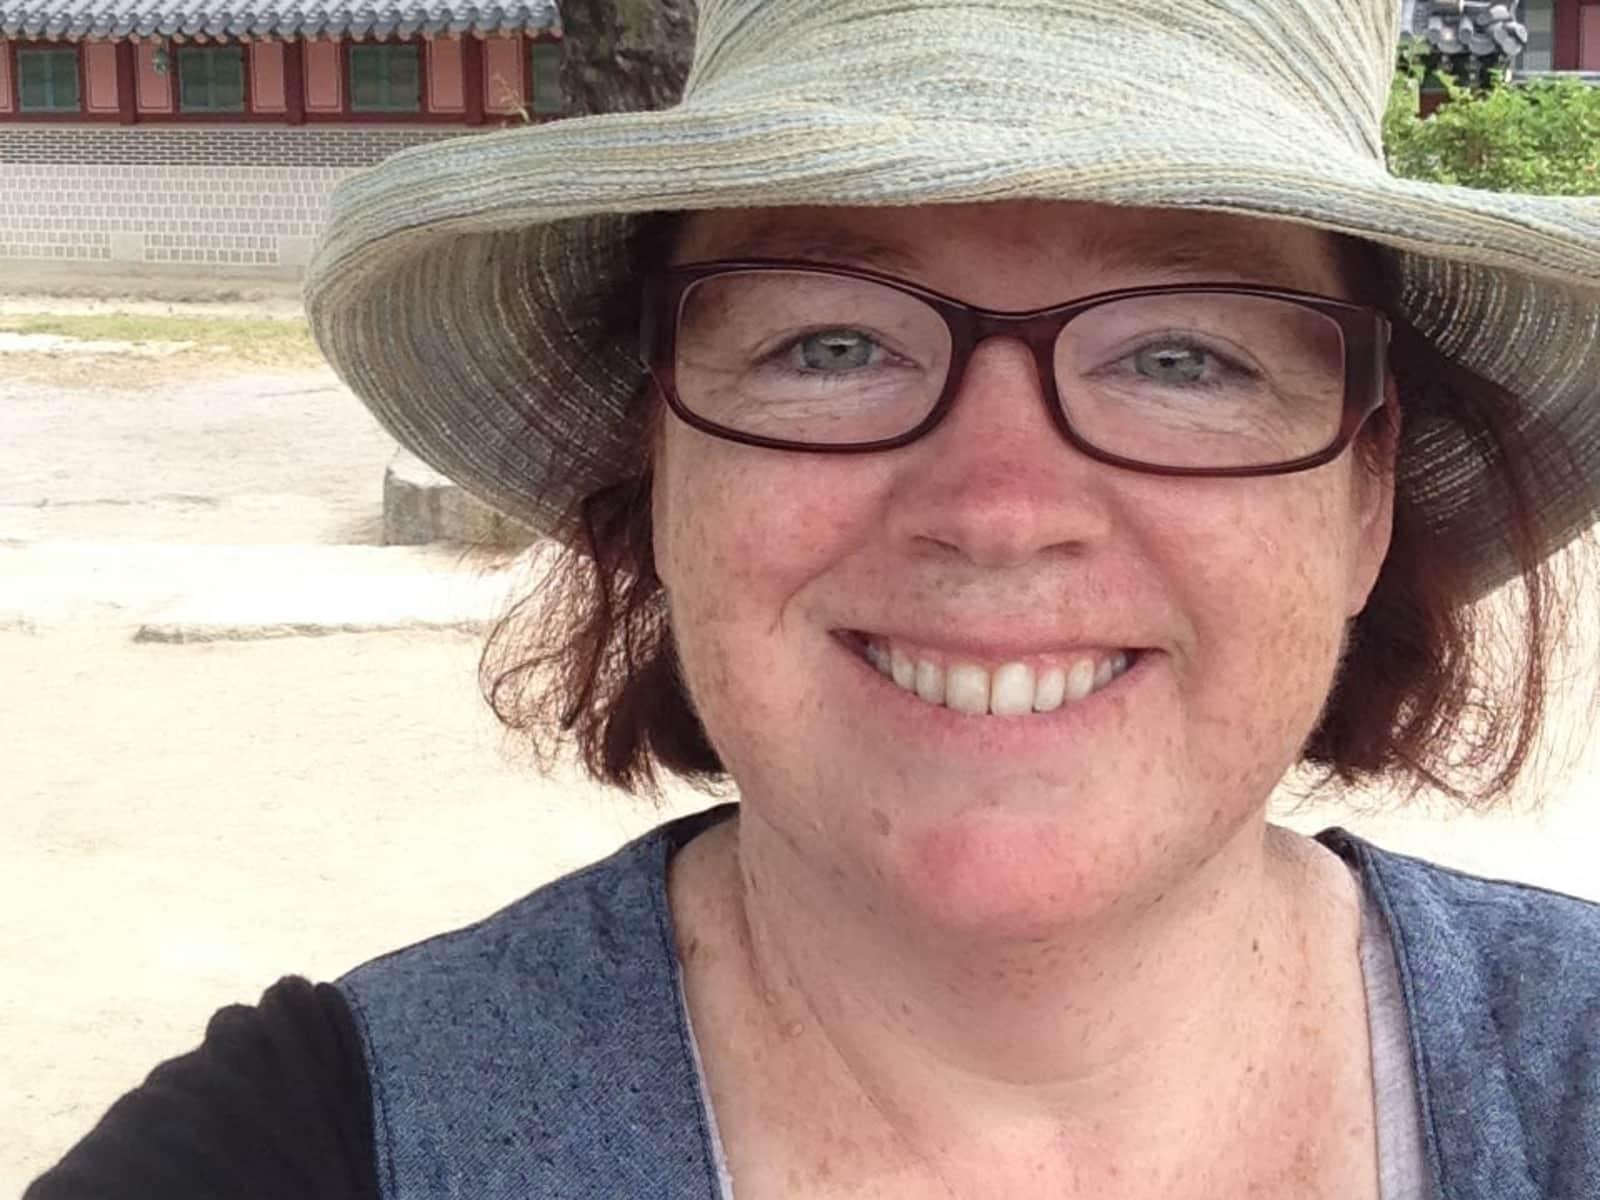 Judy from Santa Fe, New Mexico, United States